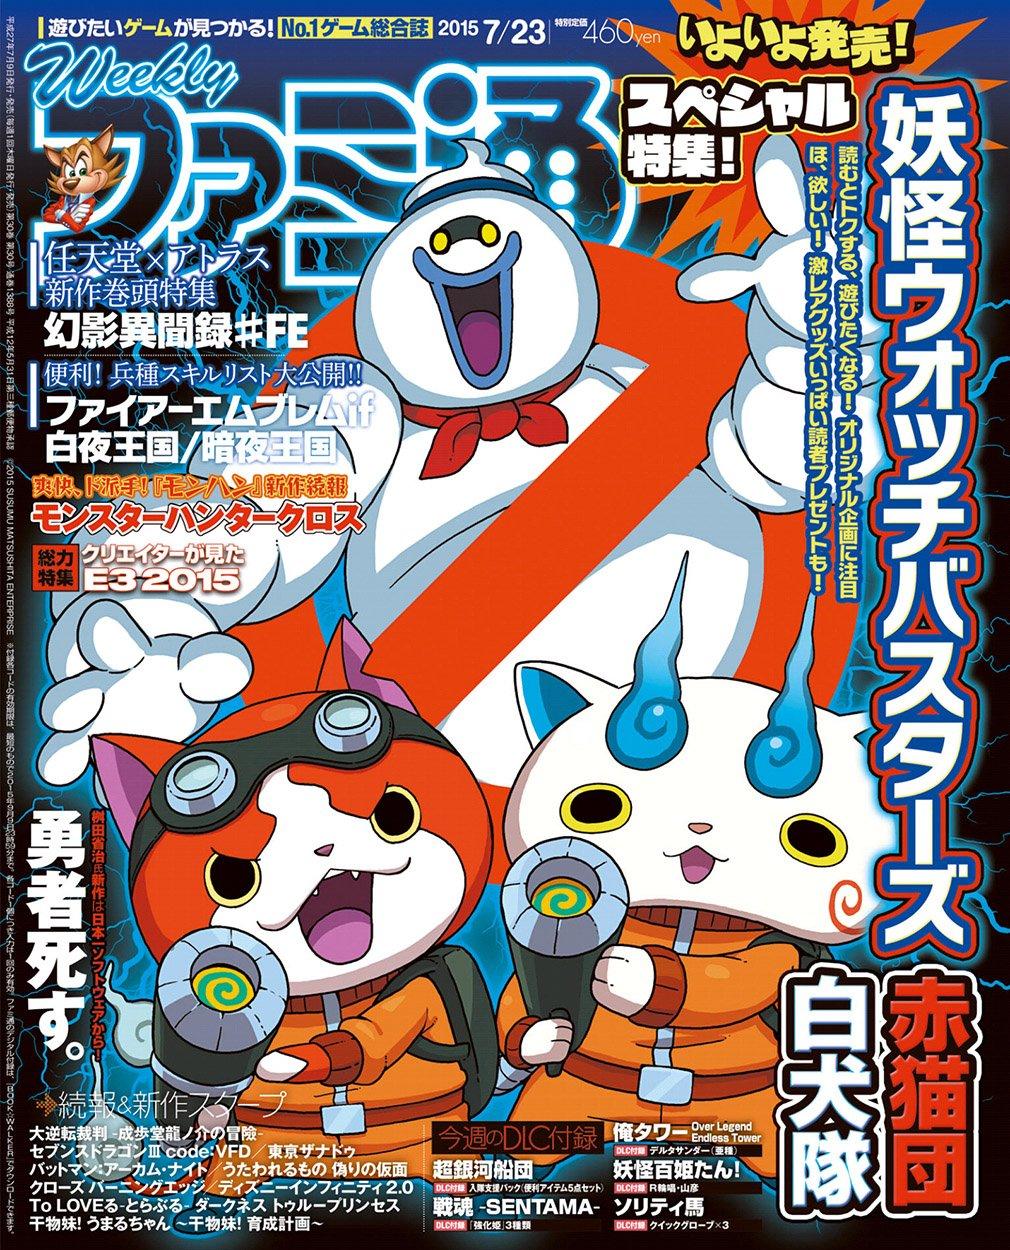 Famitsu 1388 July 23, 2015